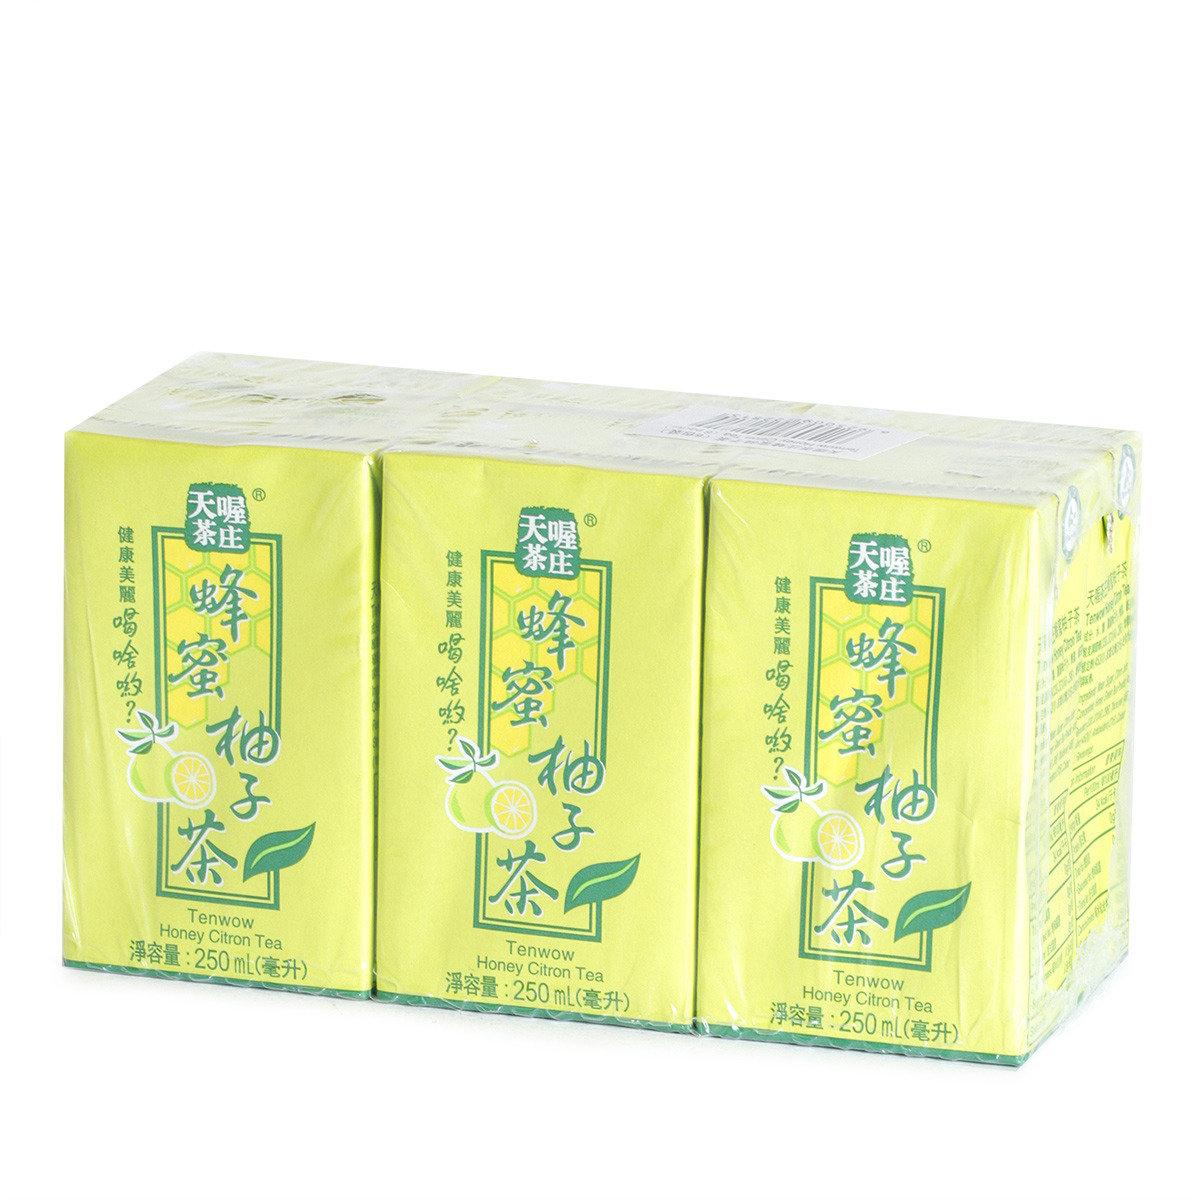 蜂蜜柚子茶紙包裝